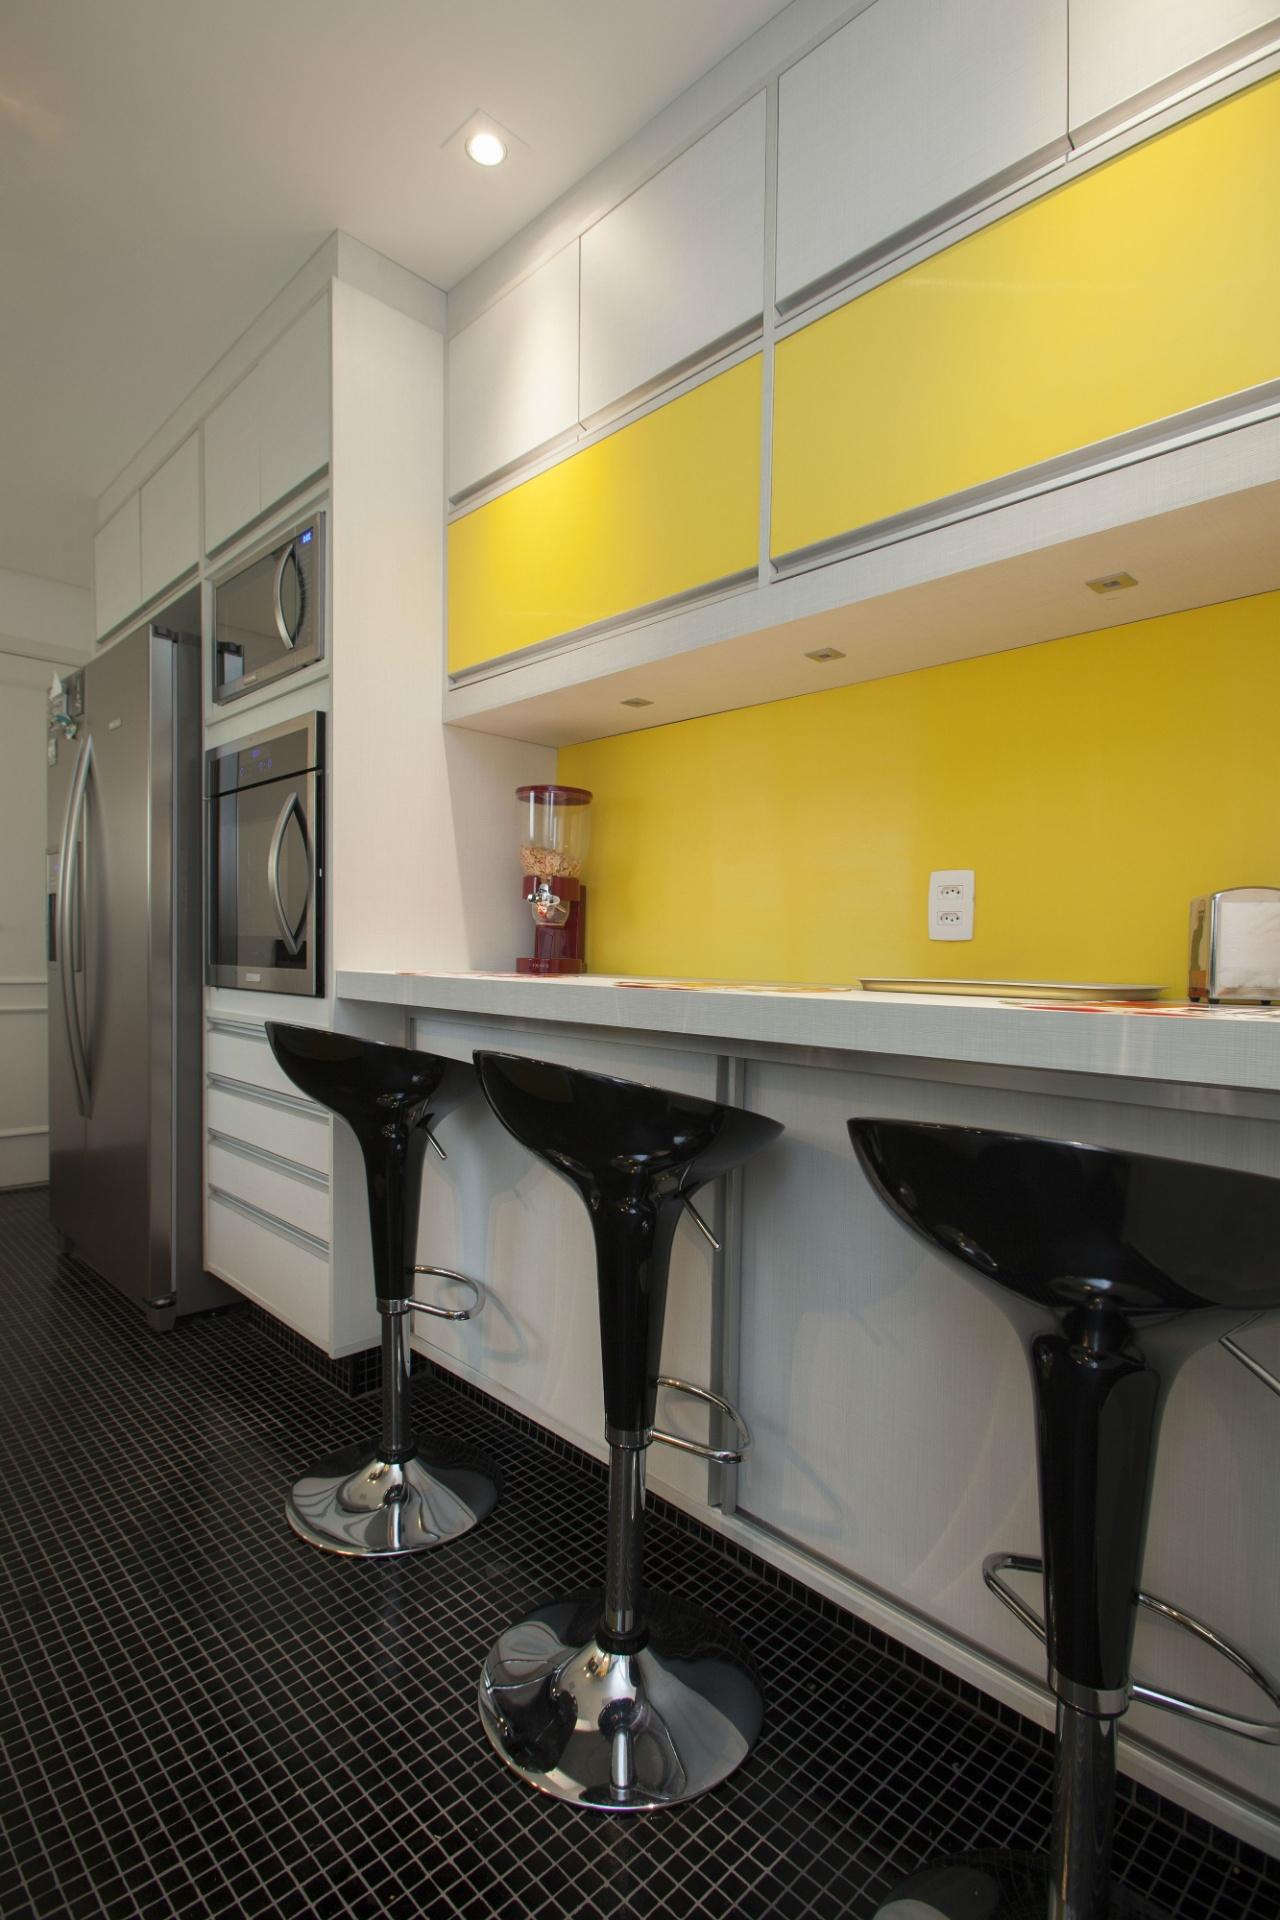 Inspire se em modelos de cozinha para decorar a sua #AA8D21 1280 1920